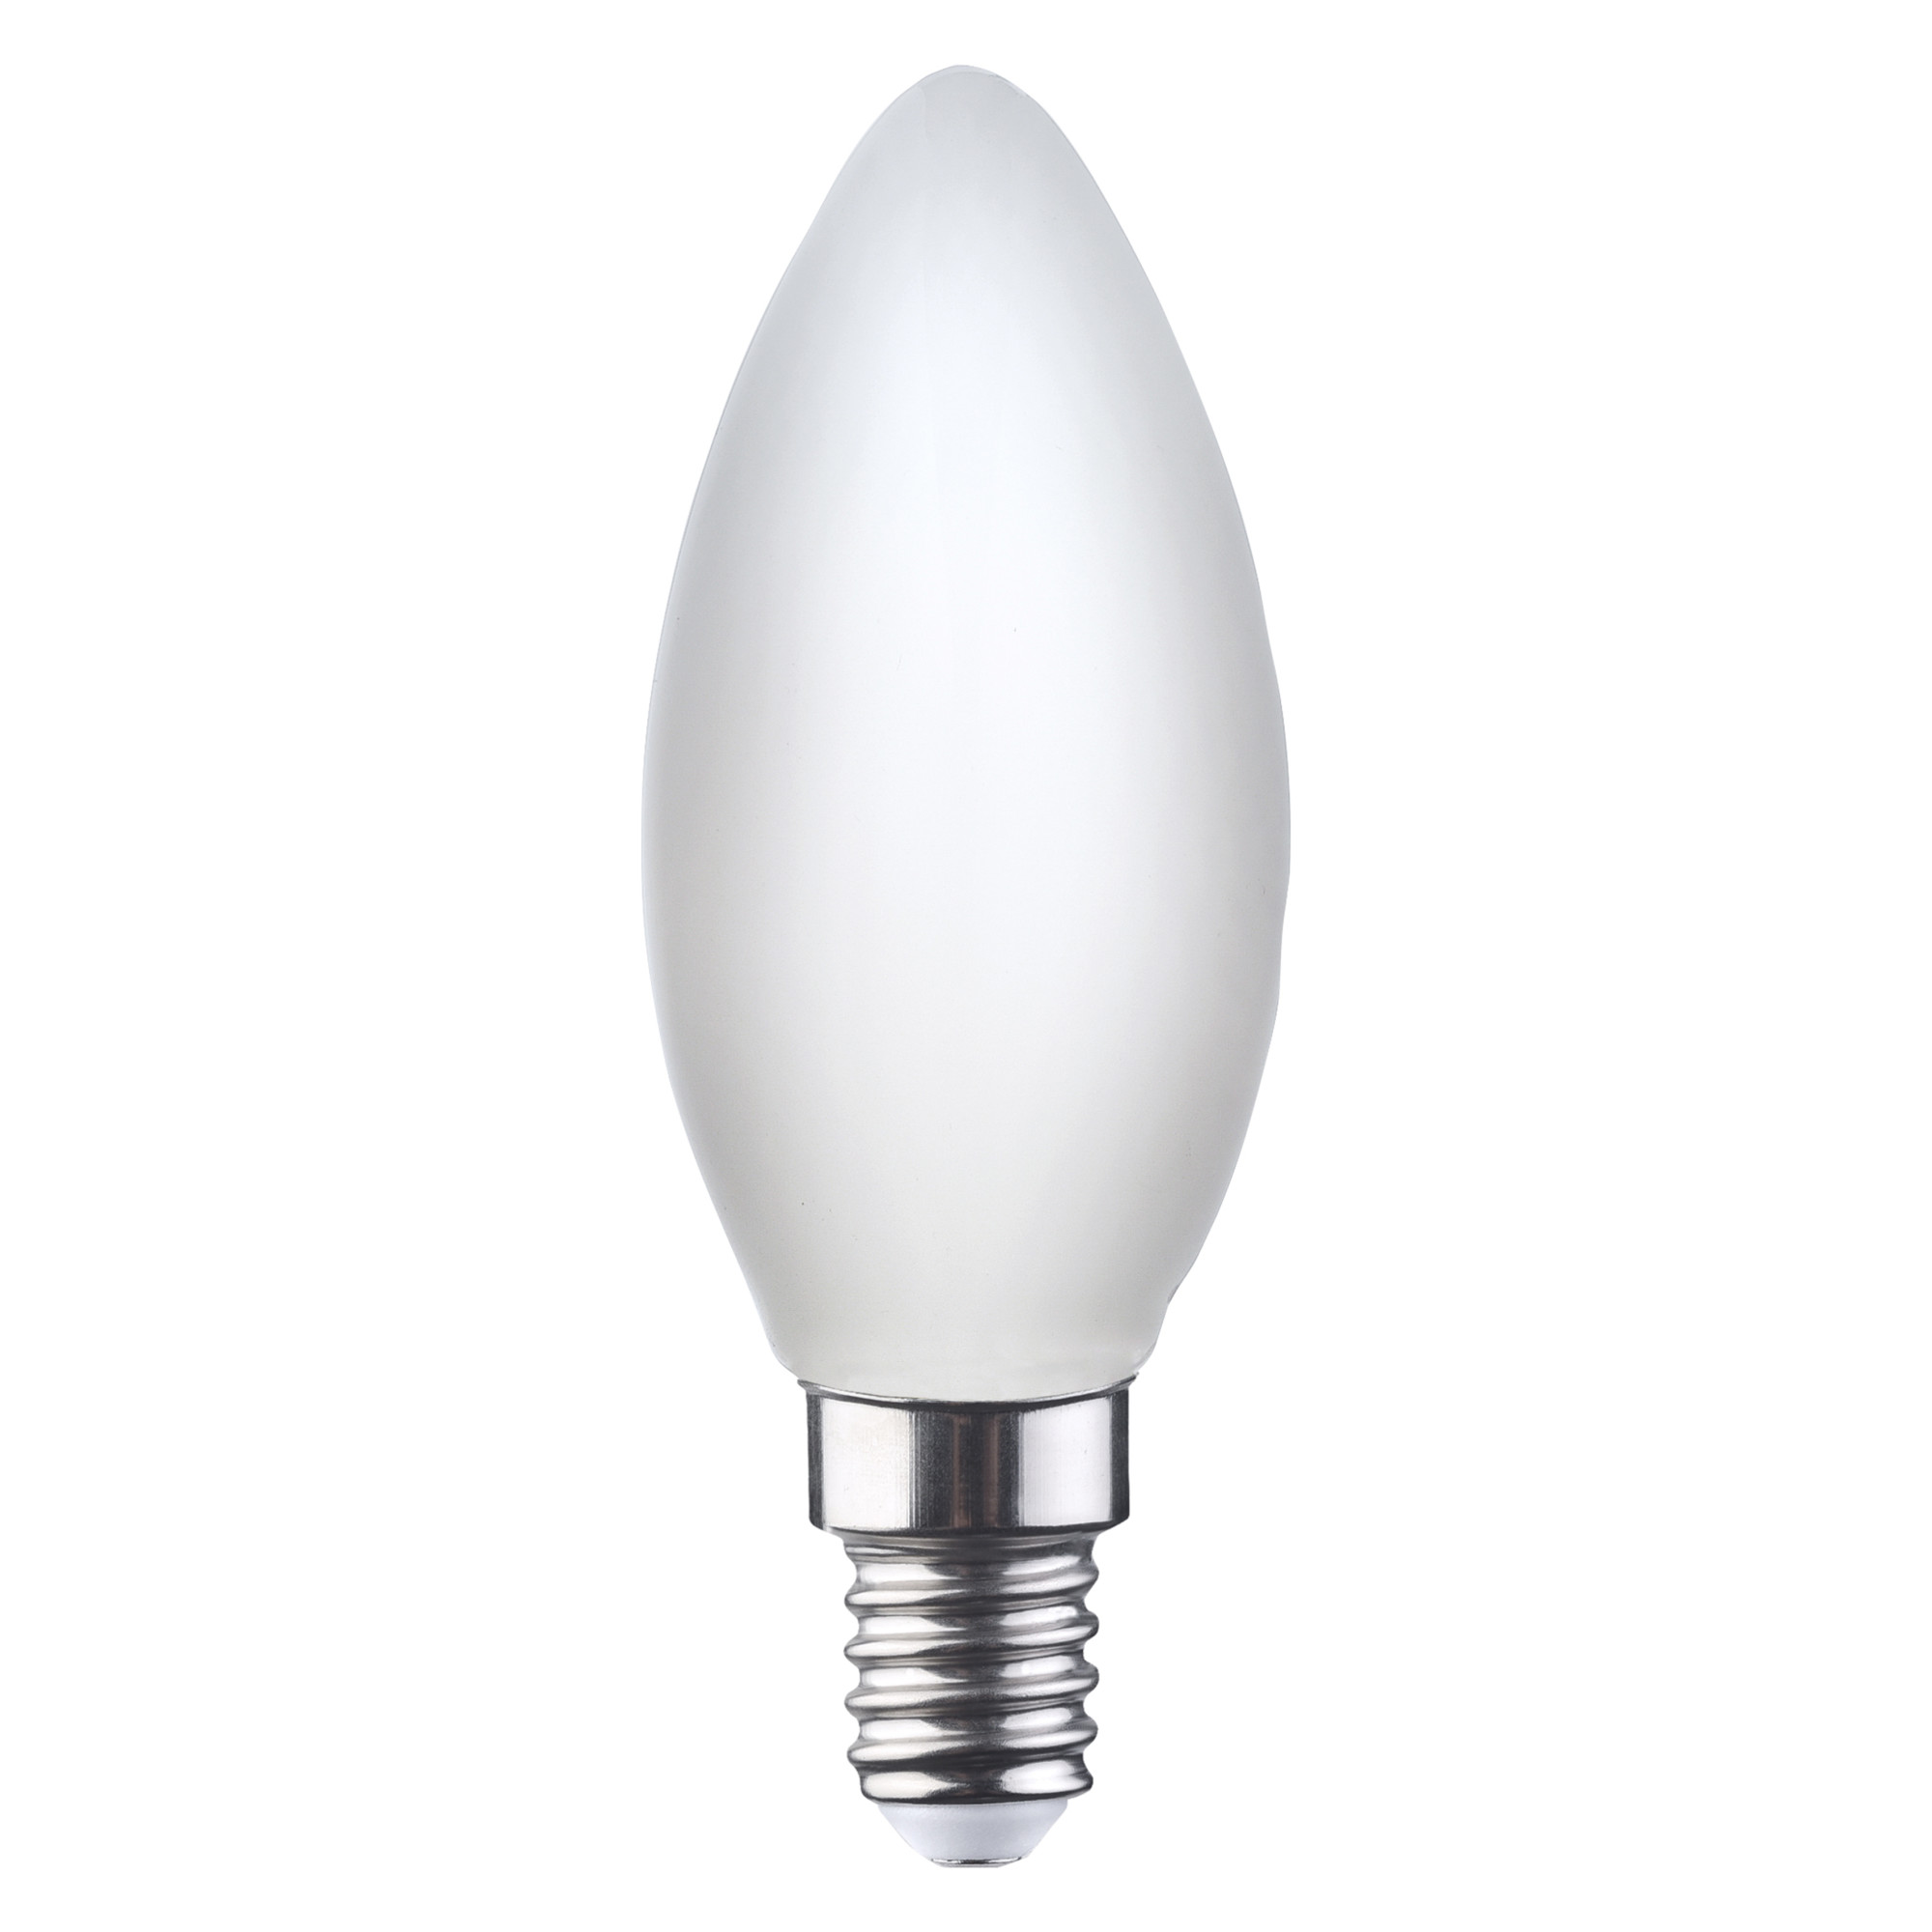 Лампа светодиодная Lexman «Свеча» E14 4.5 Вт 470 Лм свет тёплый белый